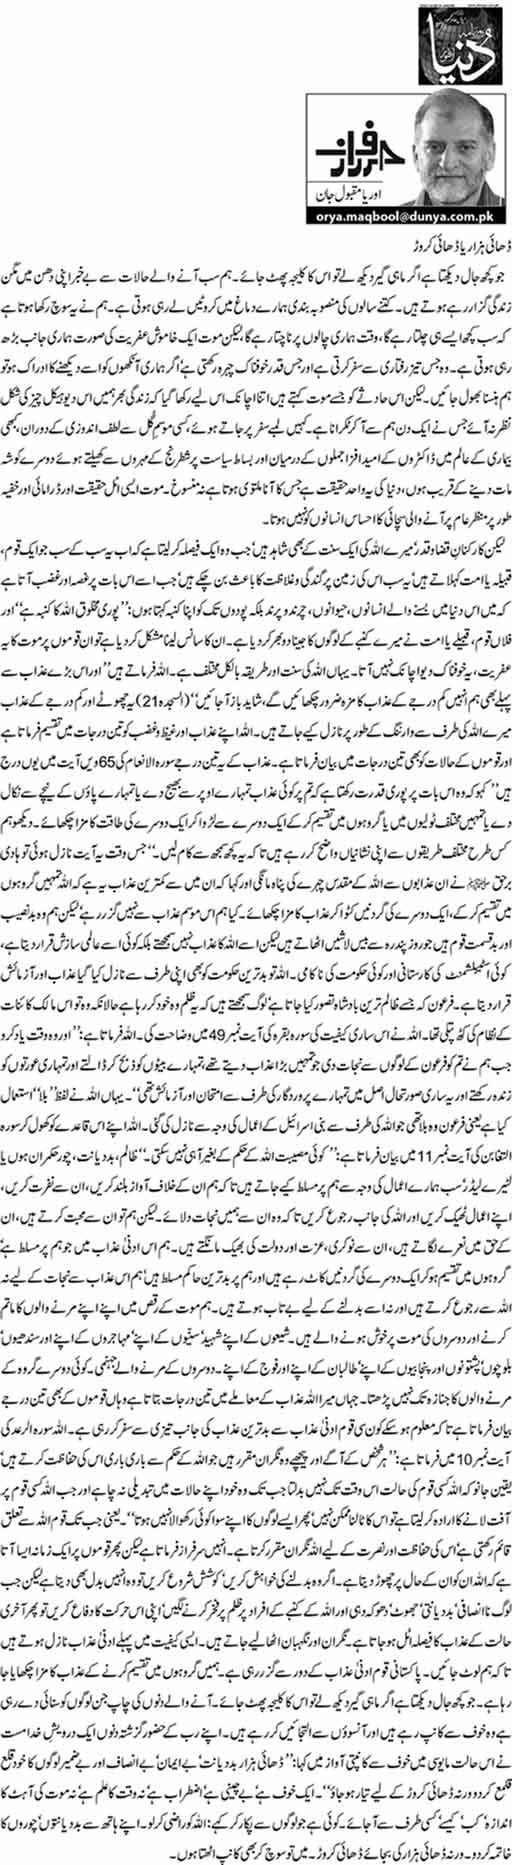 Dhai hazar ya dhai karor - Orya Maqbool Jan